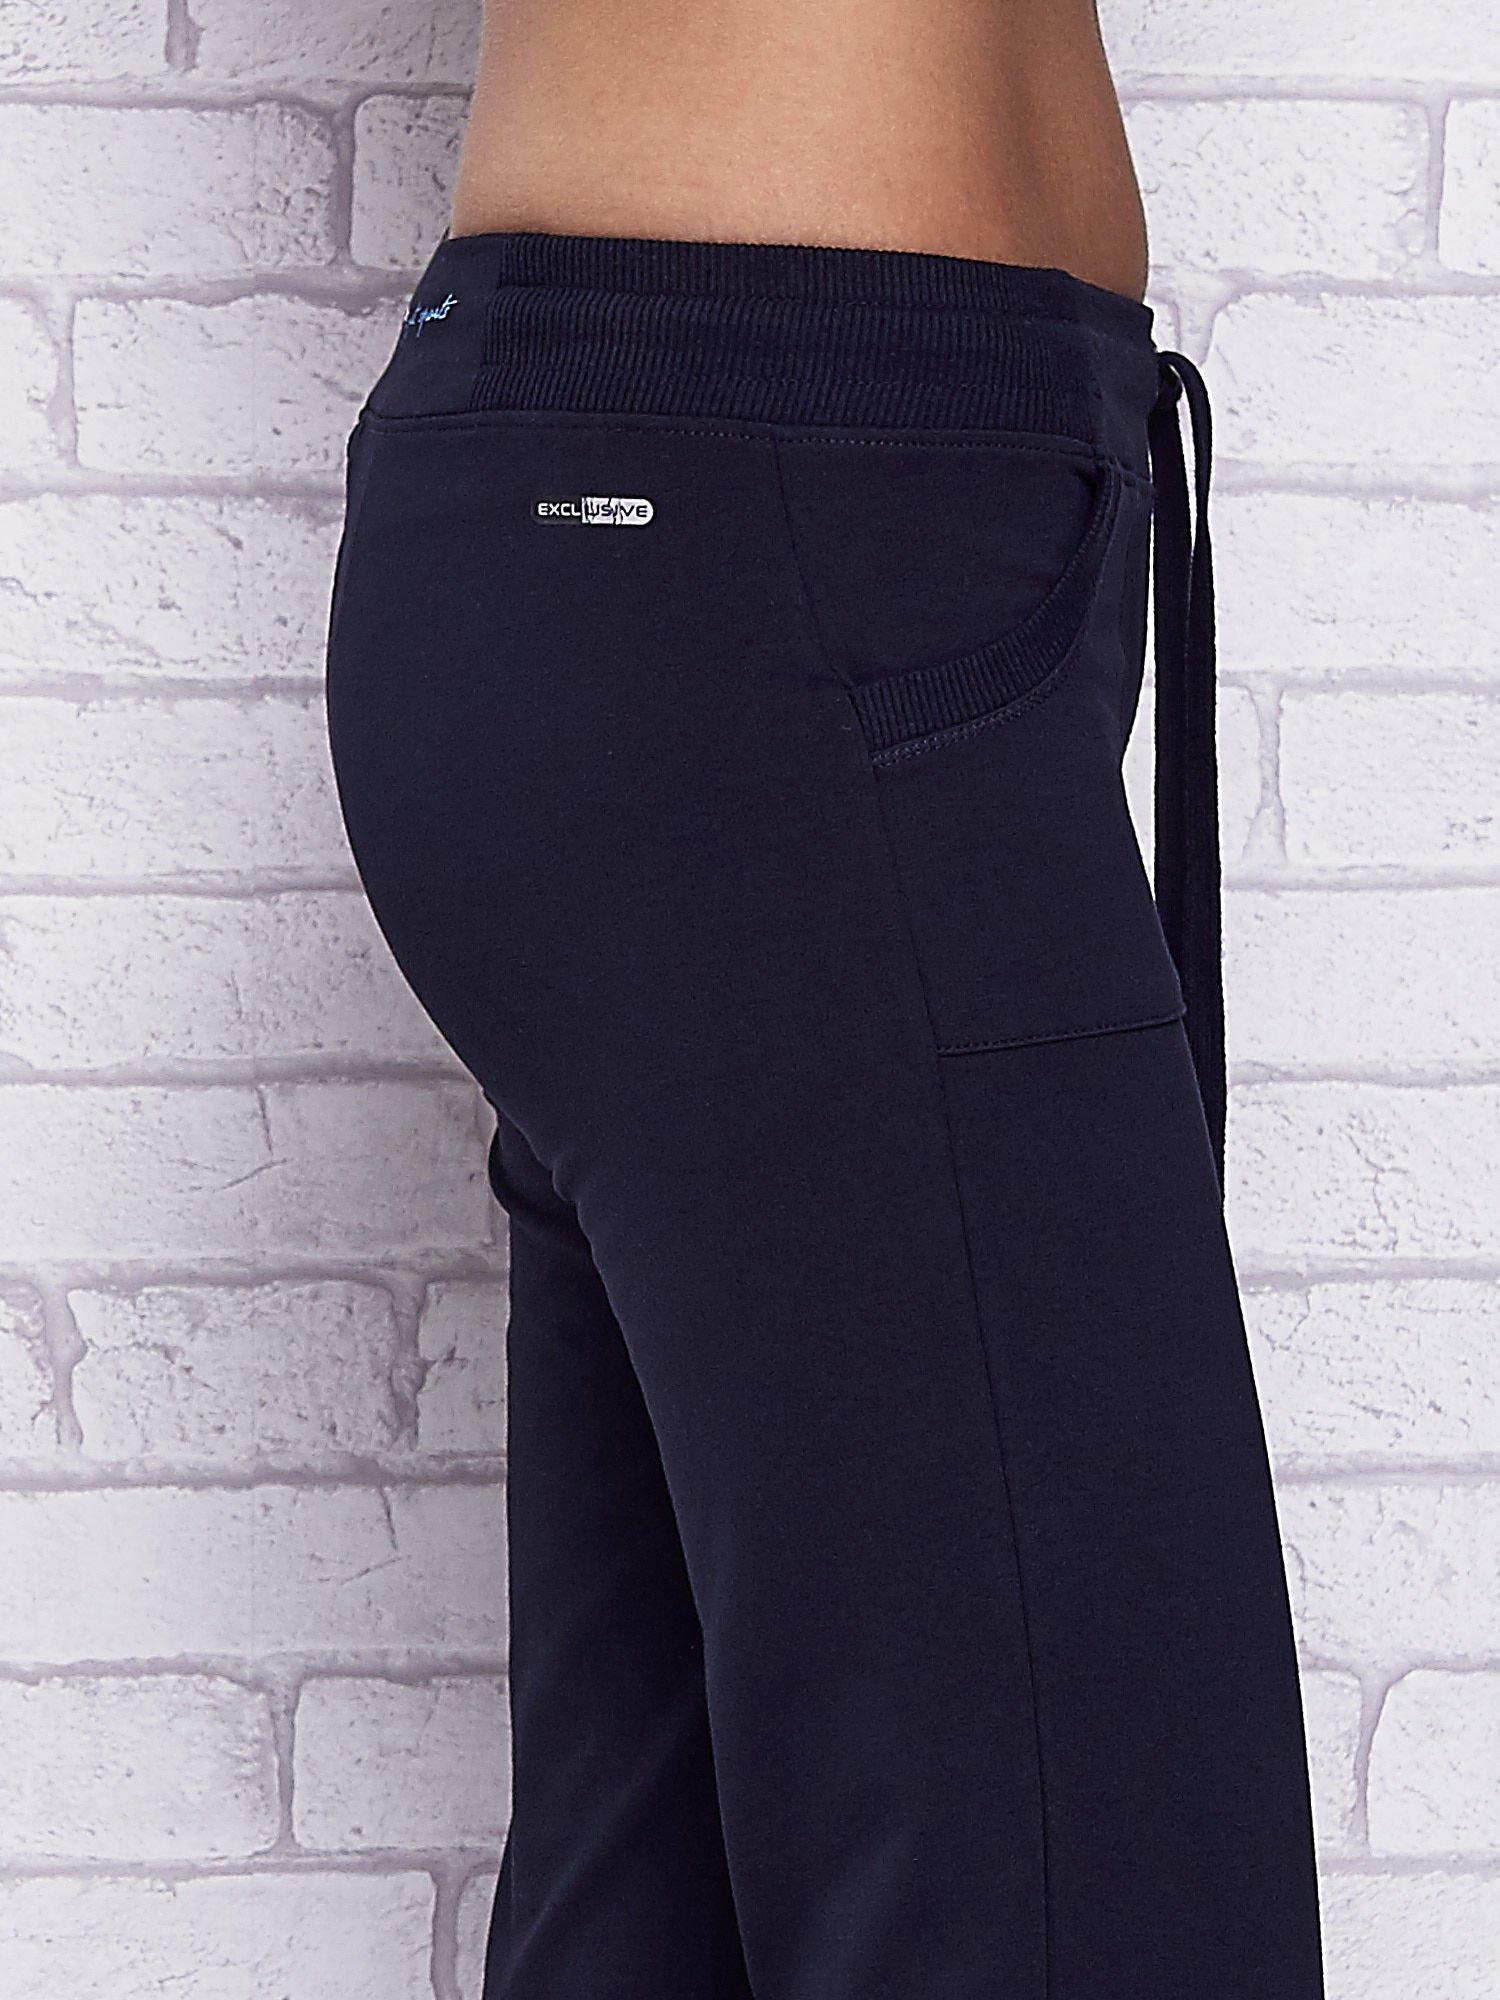 Granatowe spodnie capri z kolorowym nadrukiem z tyłu                                  zdj.                                  5